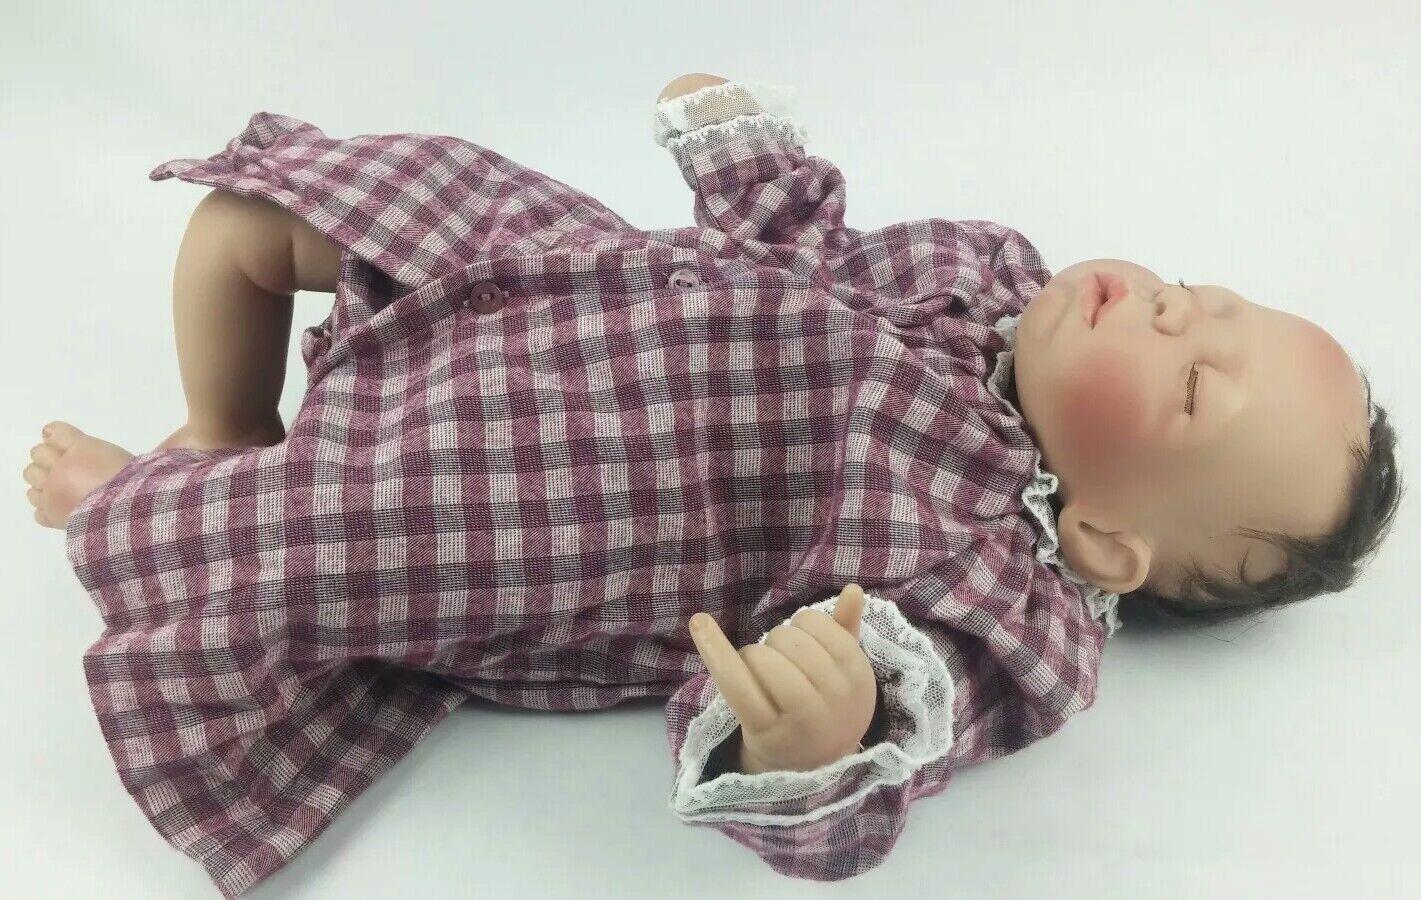 Pat Moulton Niña Bebé Muñeca de silicona para dormir 2005 con Vestido 3 Meses Pili Carrera talla